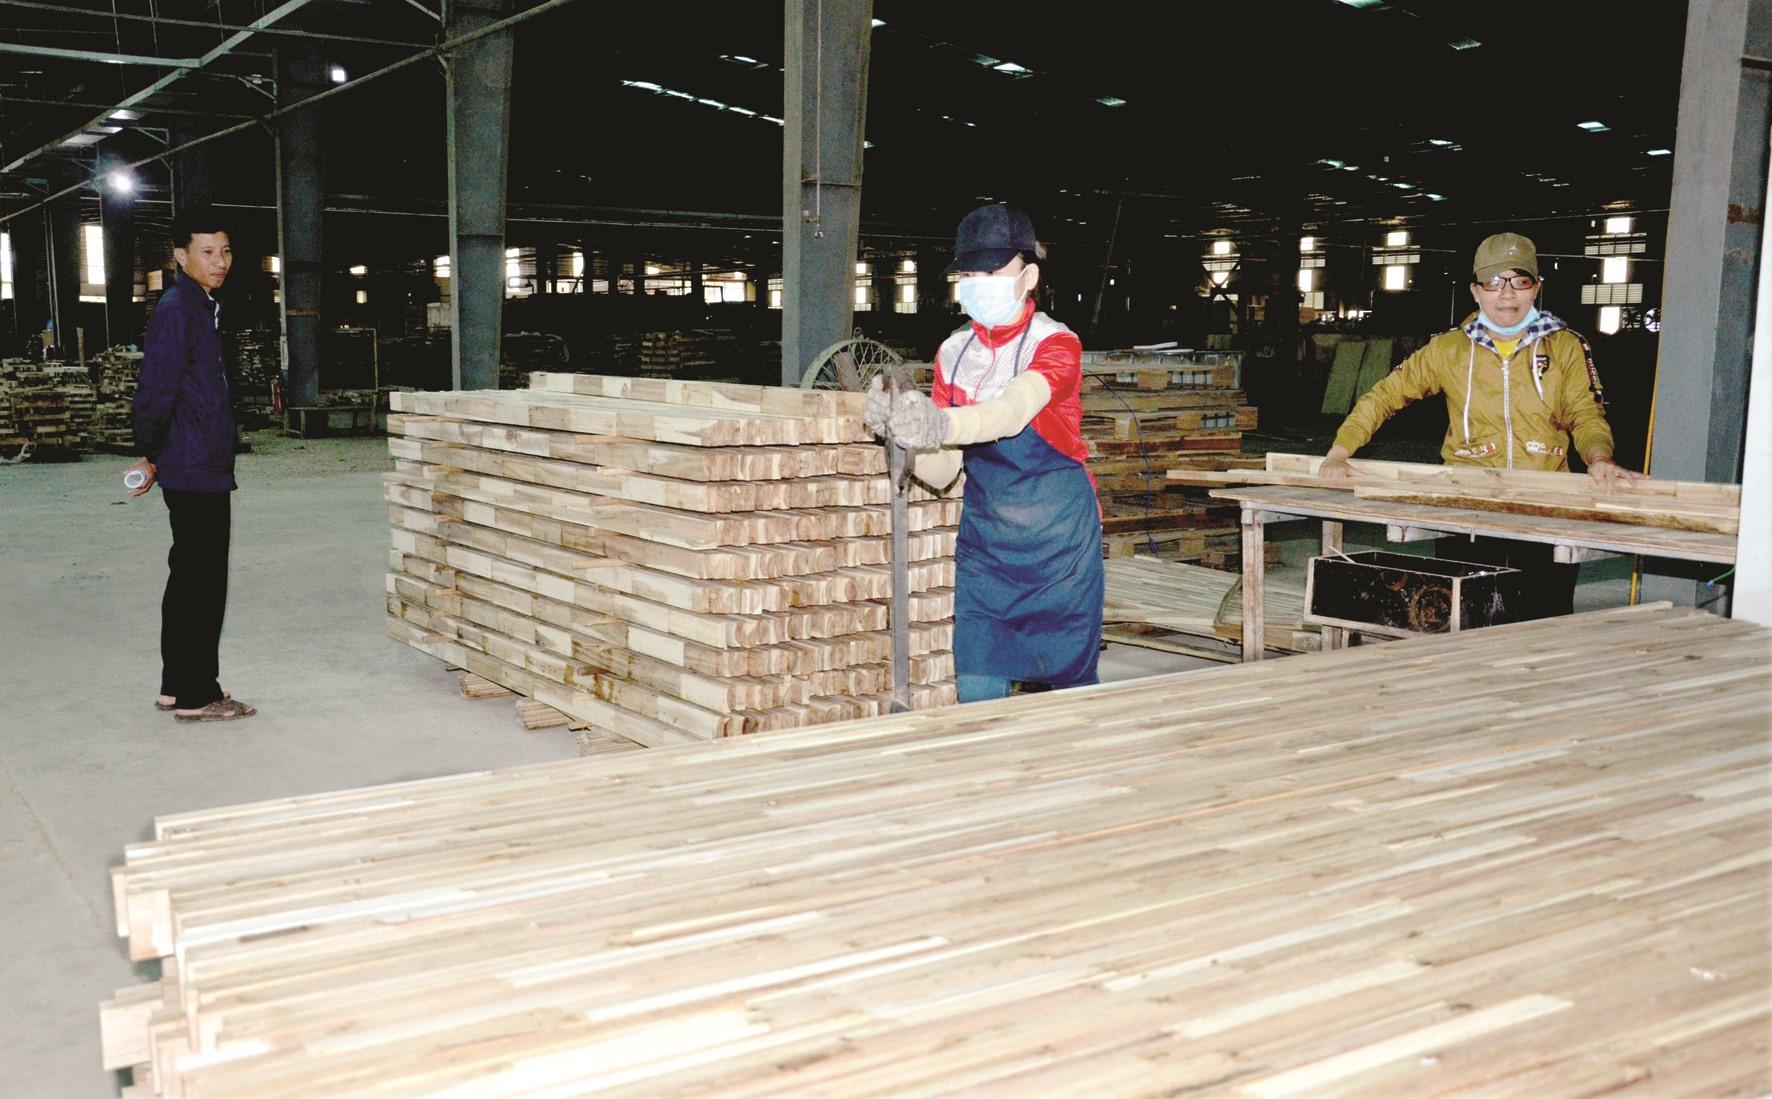 Chế biến gỗ tại nhà máy thuộc Công ty CP Gỗ công nghiệp Quảng Nam (xã Quế Thọ, Hiệp Đức). Ảnh: H.P